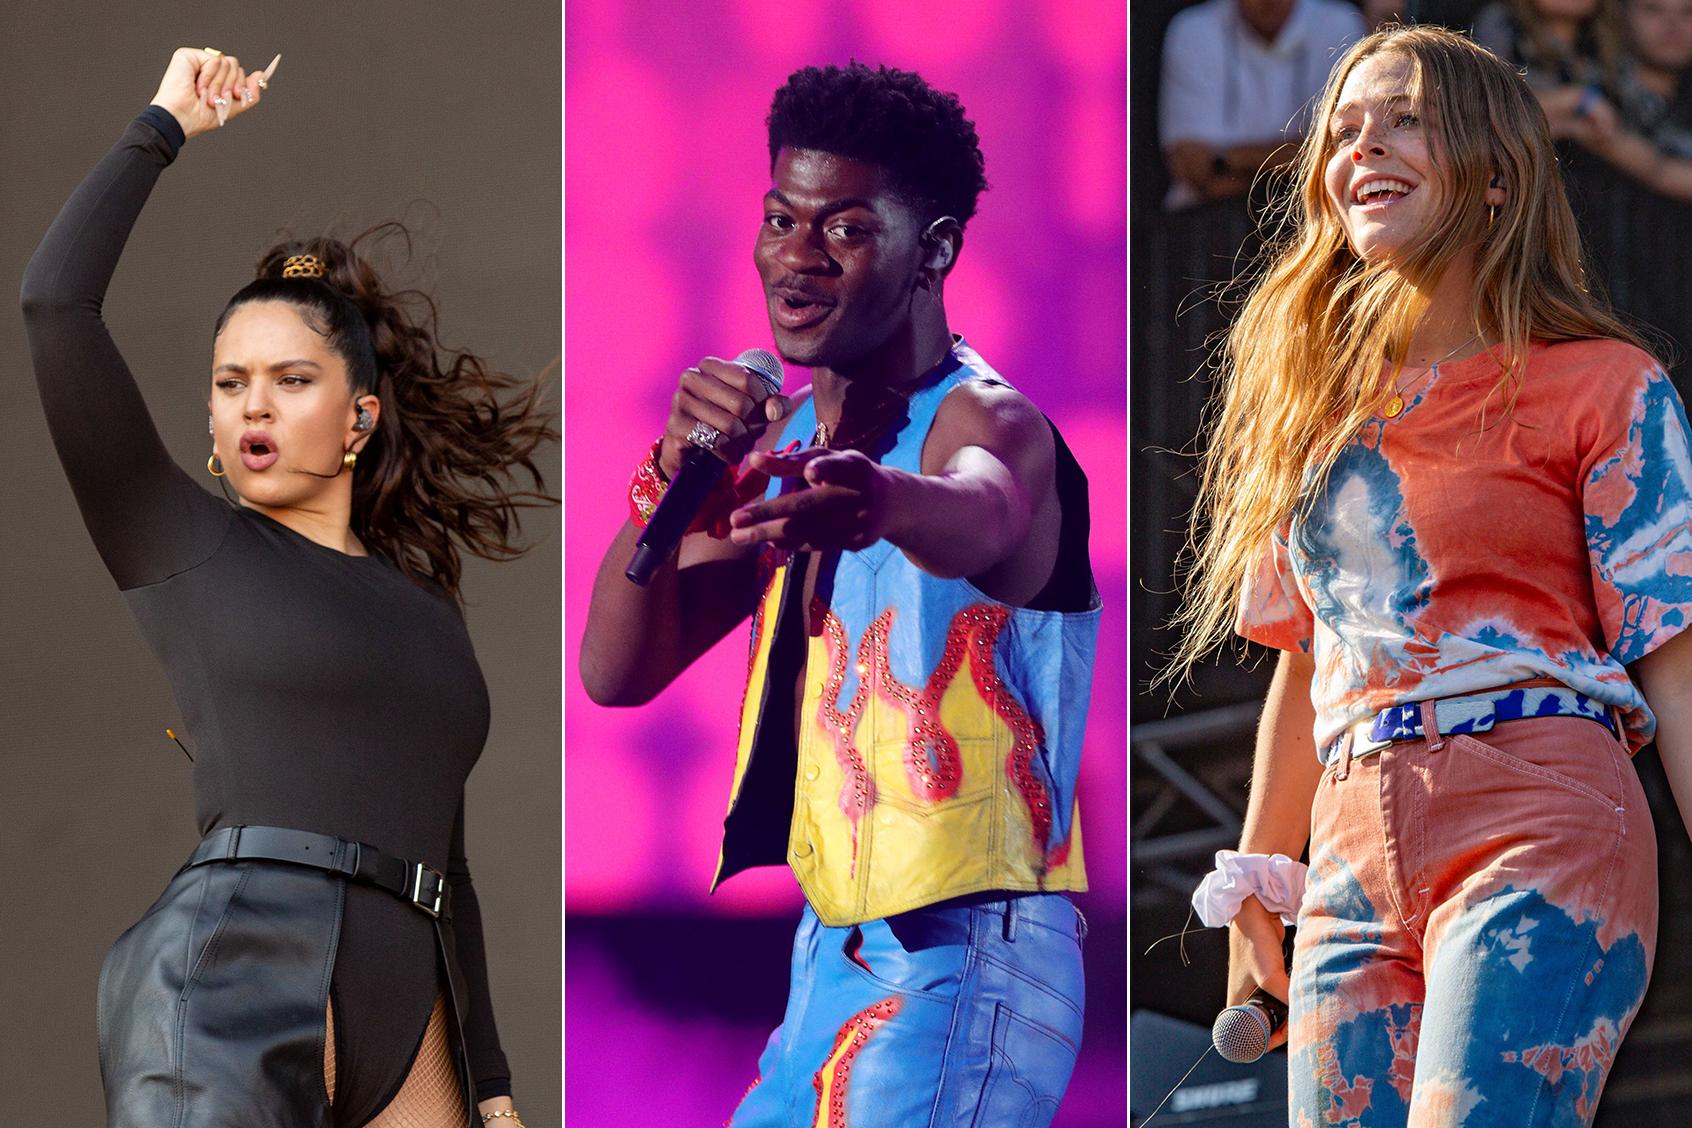 grammys 2020 meet the best new artist nominees rolling stone grammys 2020 meet the best new artist